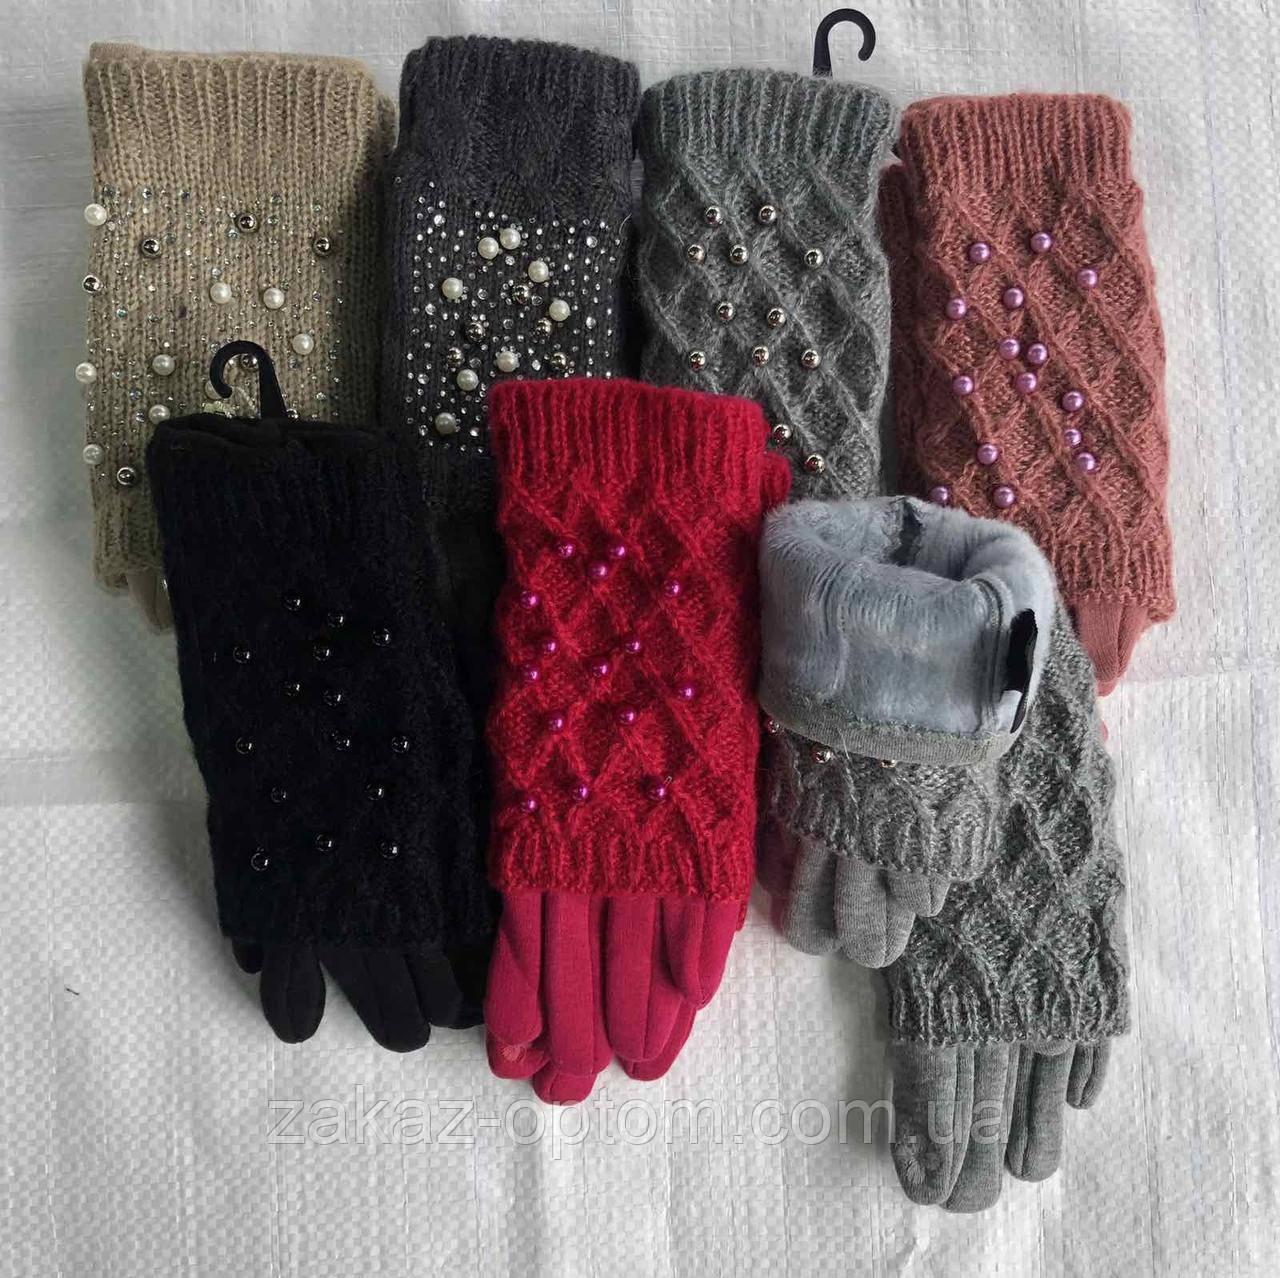 Перчатки подростковые 2в1 оптом двойные внутри мех(8-12лет)Китай-63117